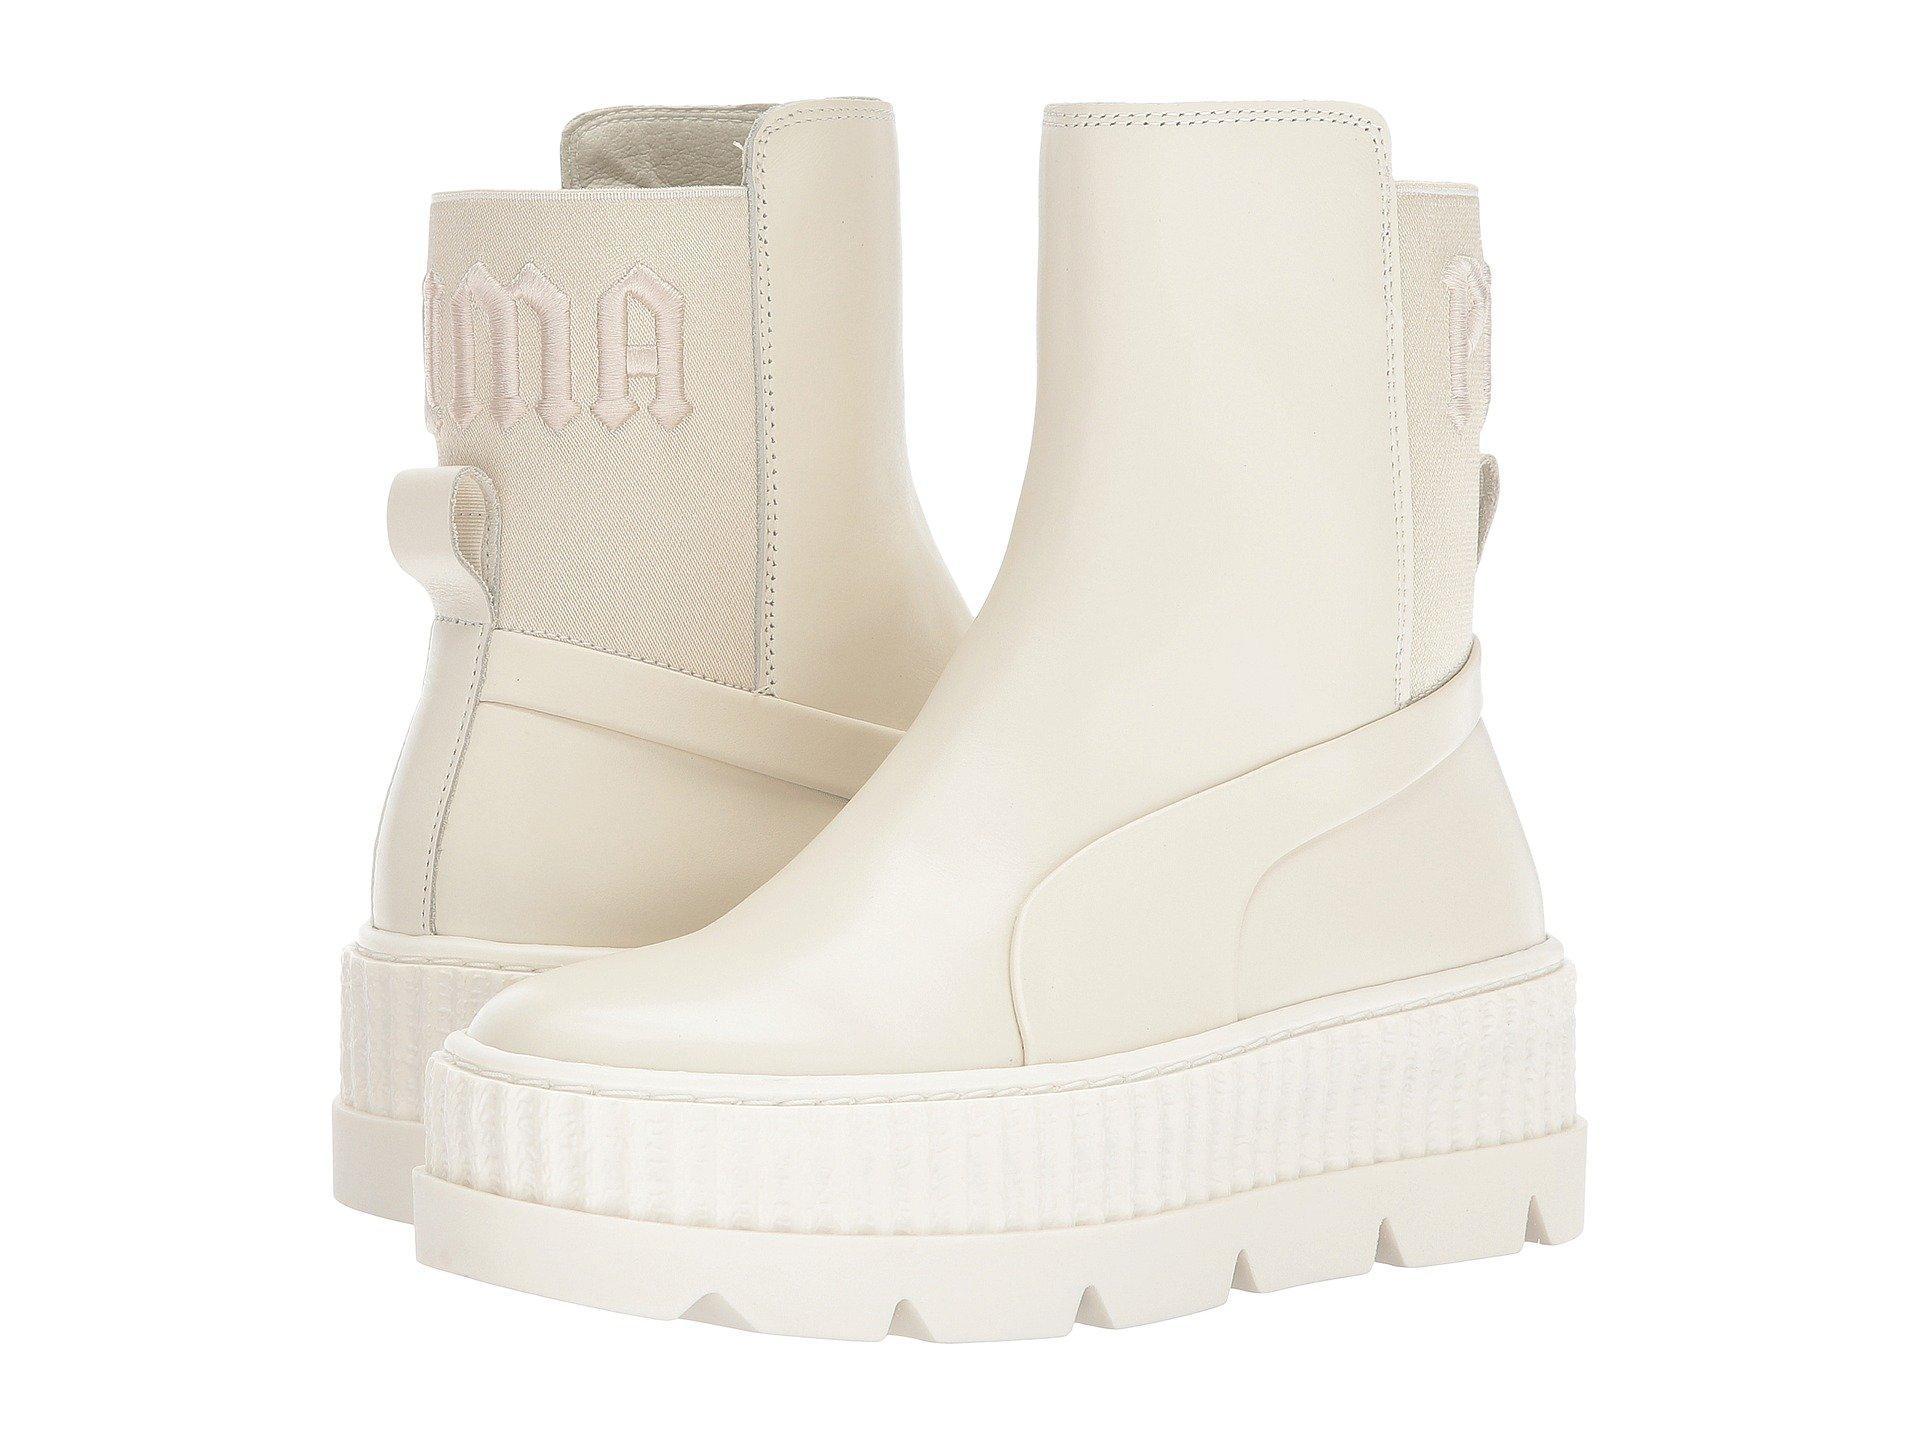 puma fenty boots